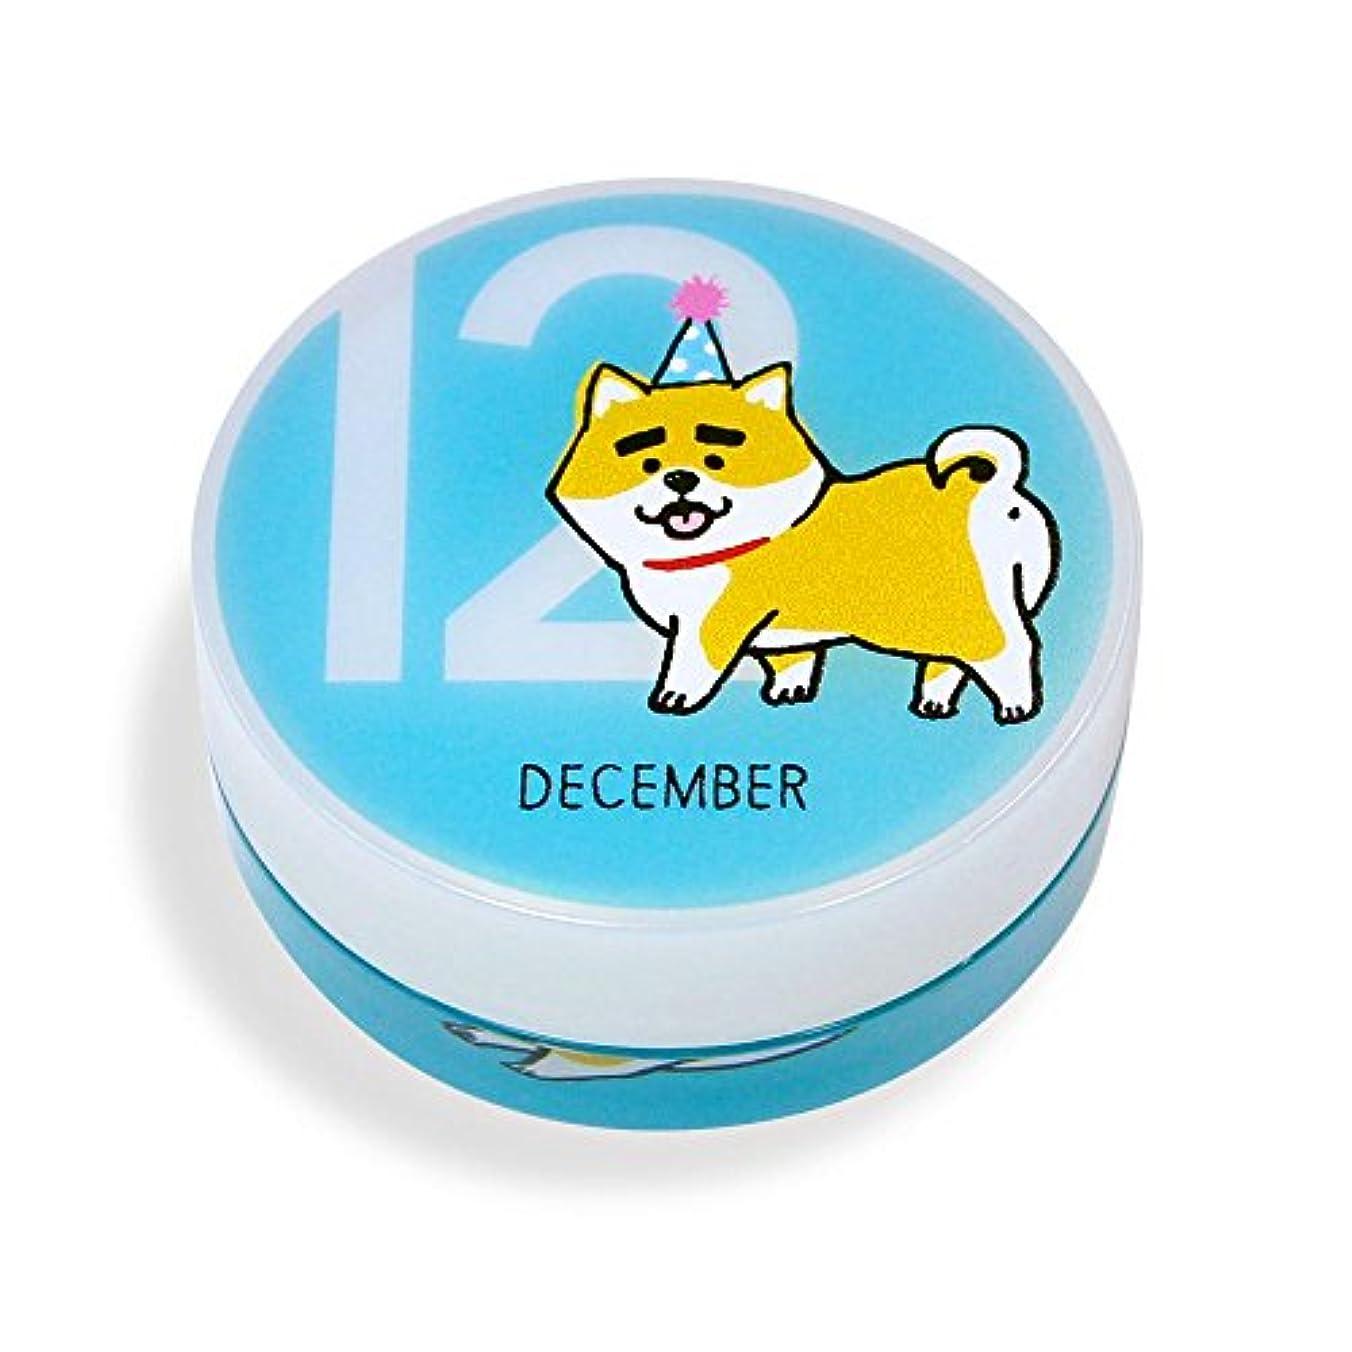 カポックエロチック明らかにしばんばん フルプルクリーム 誕生月シリーズ 12月 20g